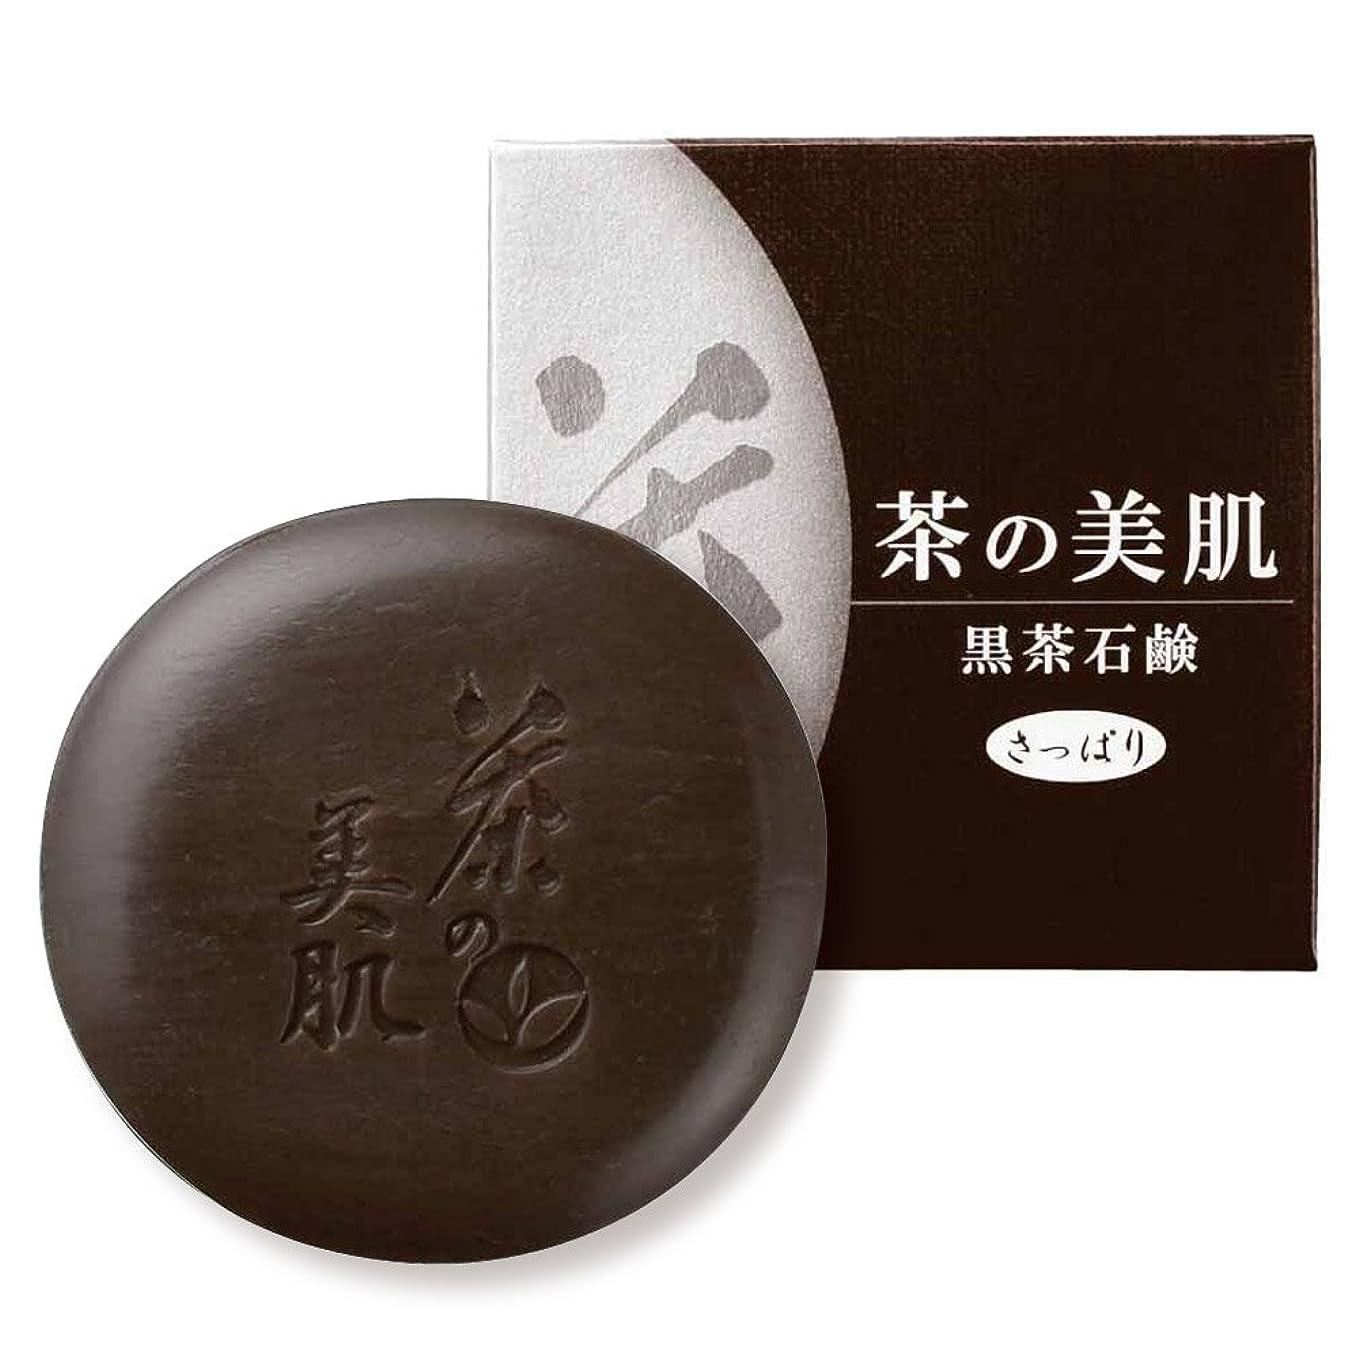 サルベージ合法世紀お茶村 洗顔 茶の美肌 黒茶 石鹸 65g